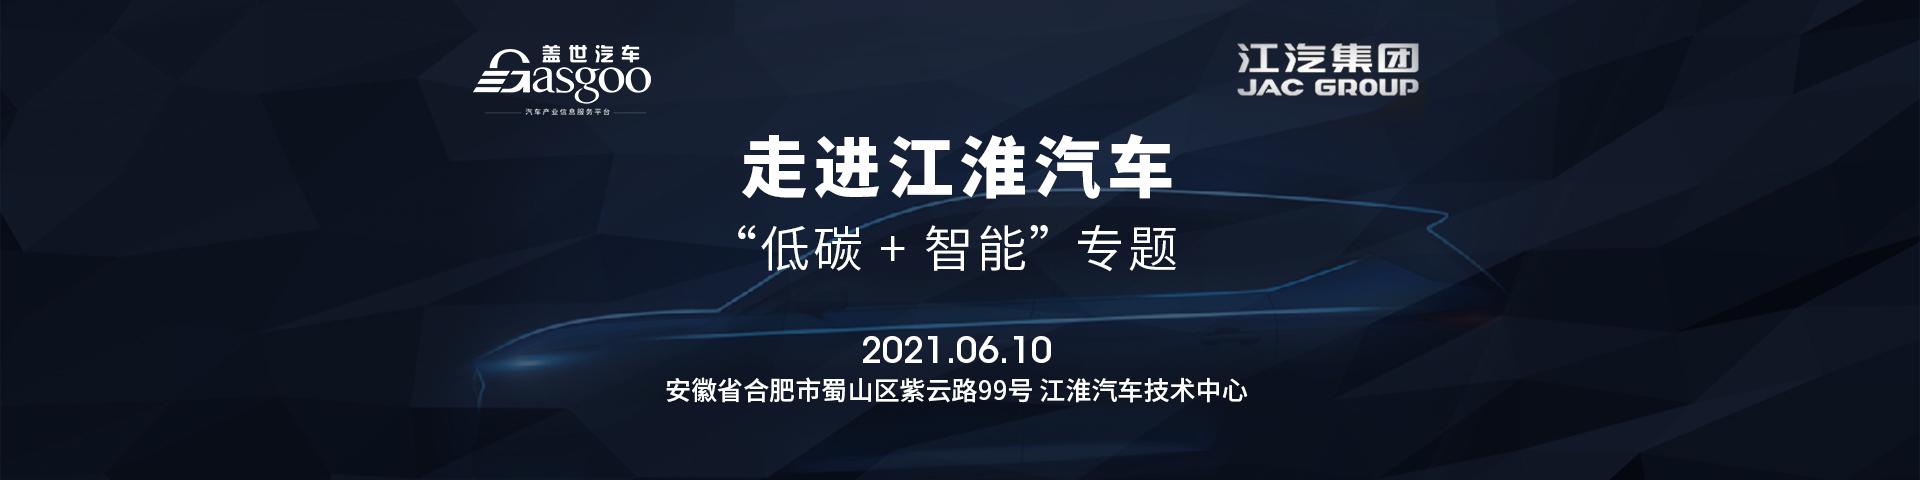 """走进江淮丨""""低碳+智能""""专题技术交流会"""